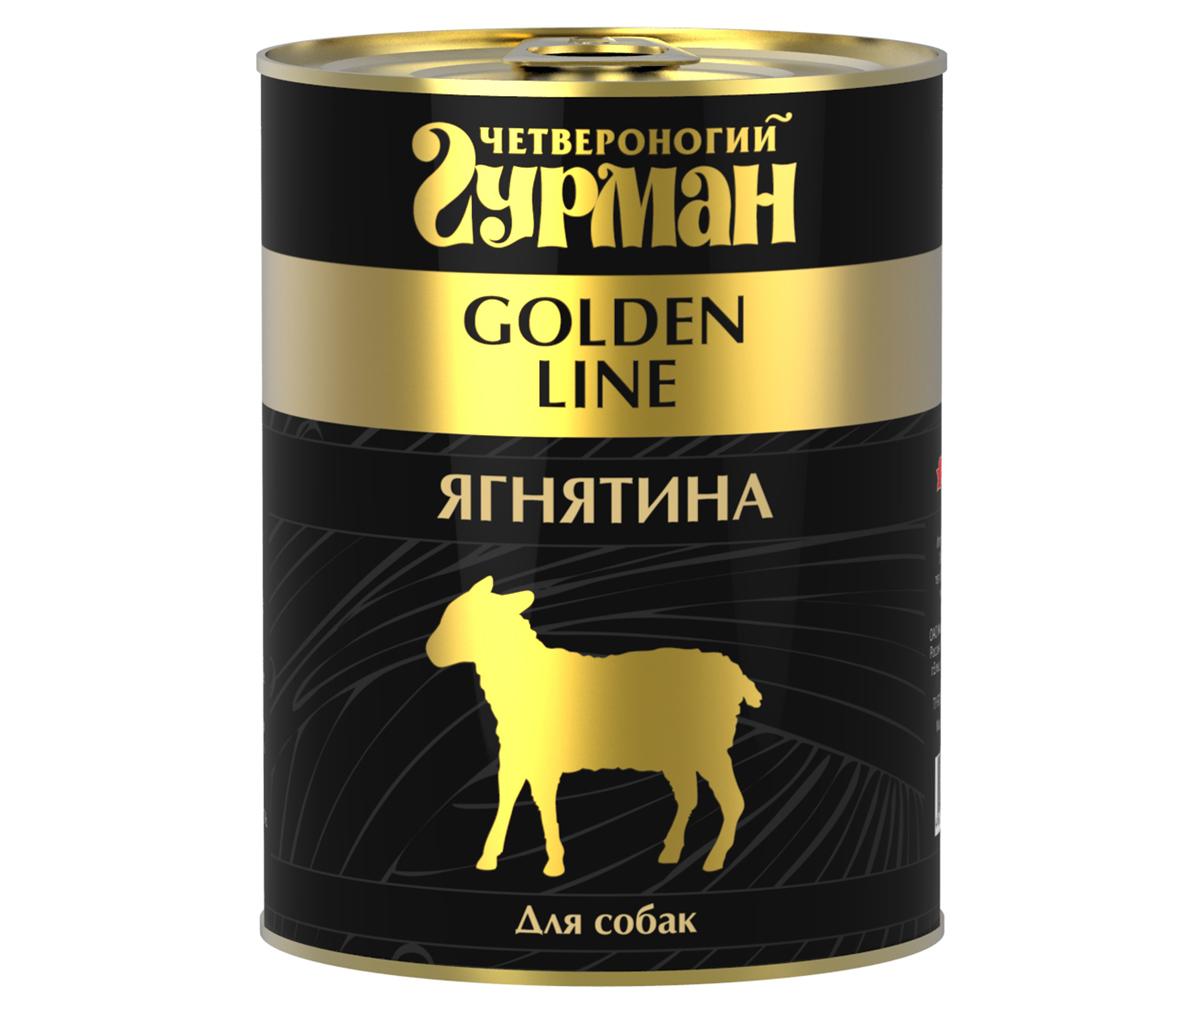 Консервы для собак Четвероногий Гурман, с ягненком, 340 г купить болгарские консервы в москве